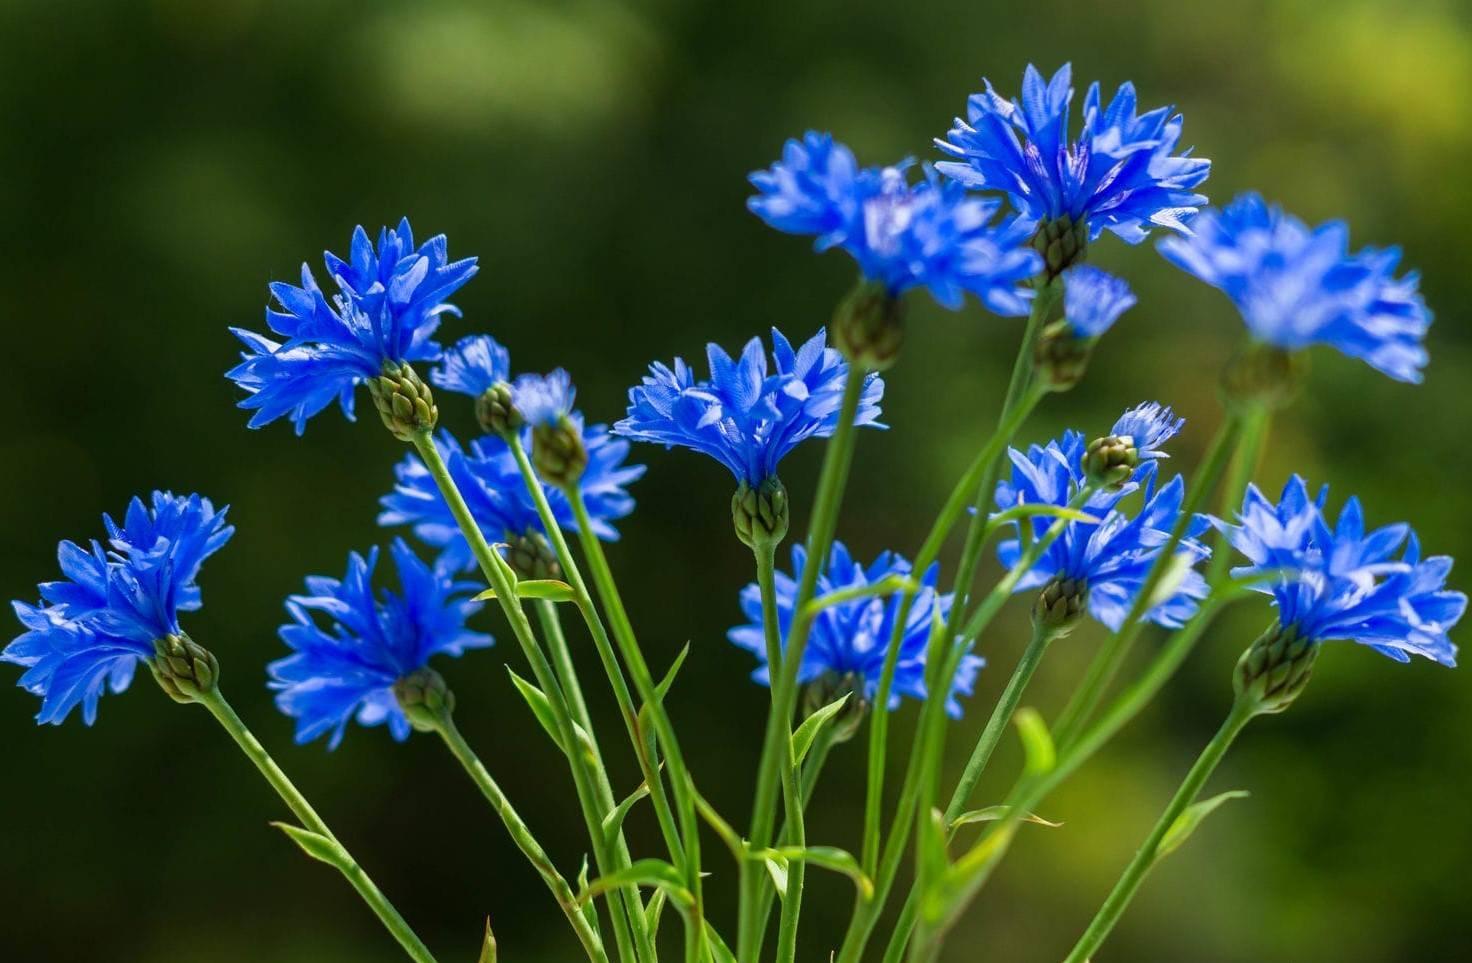 Василек синий: лечебные свойства и применение в народной медицине